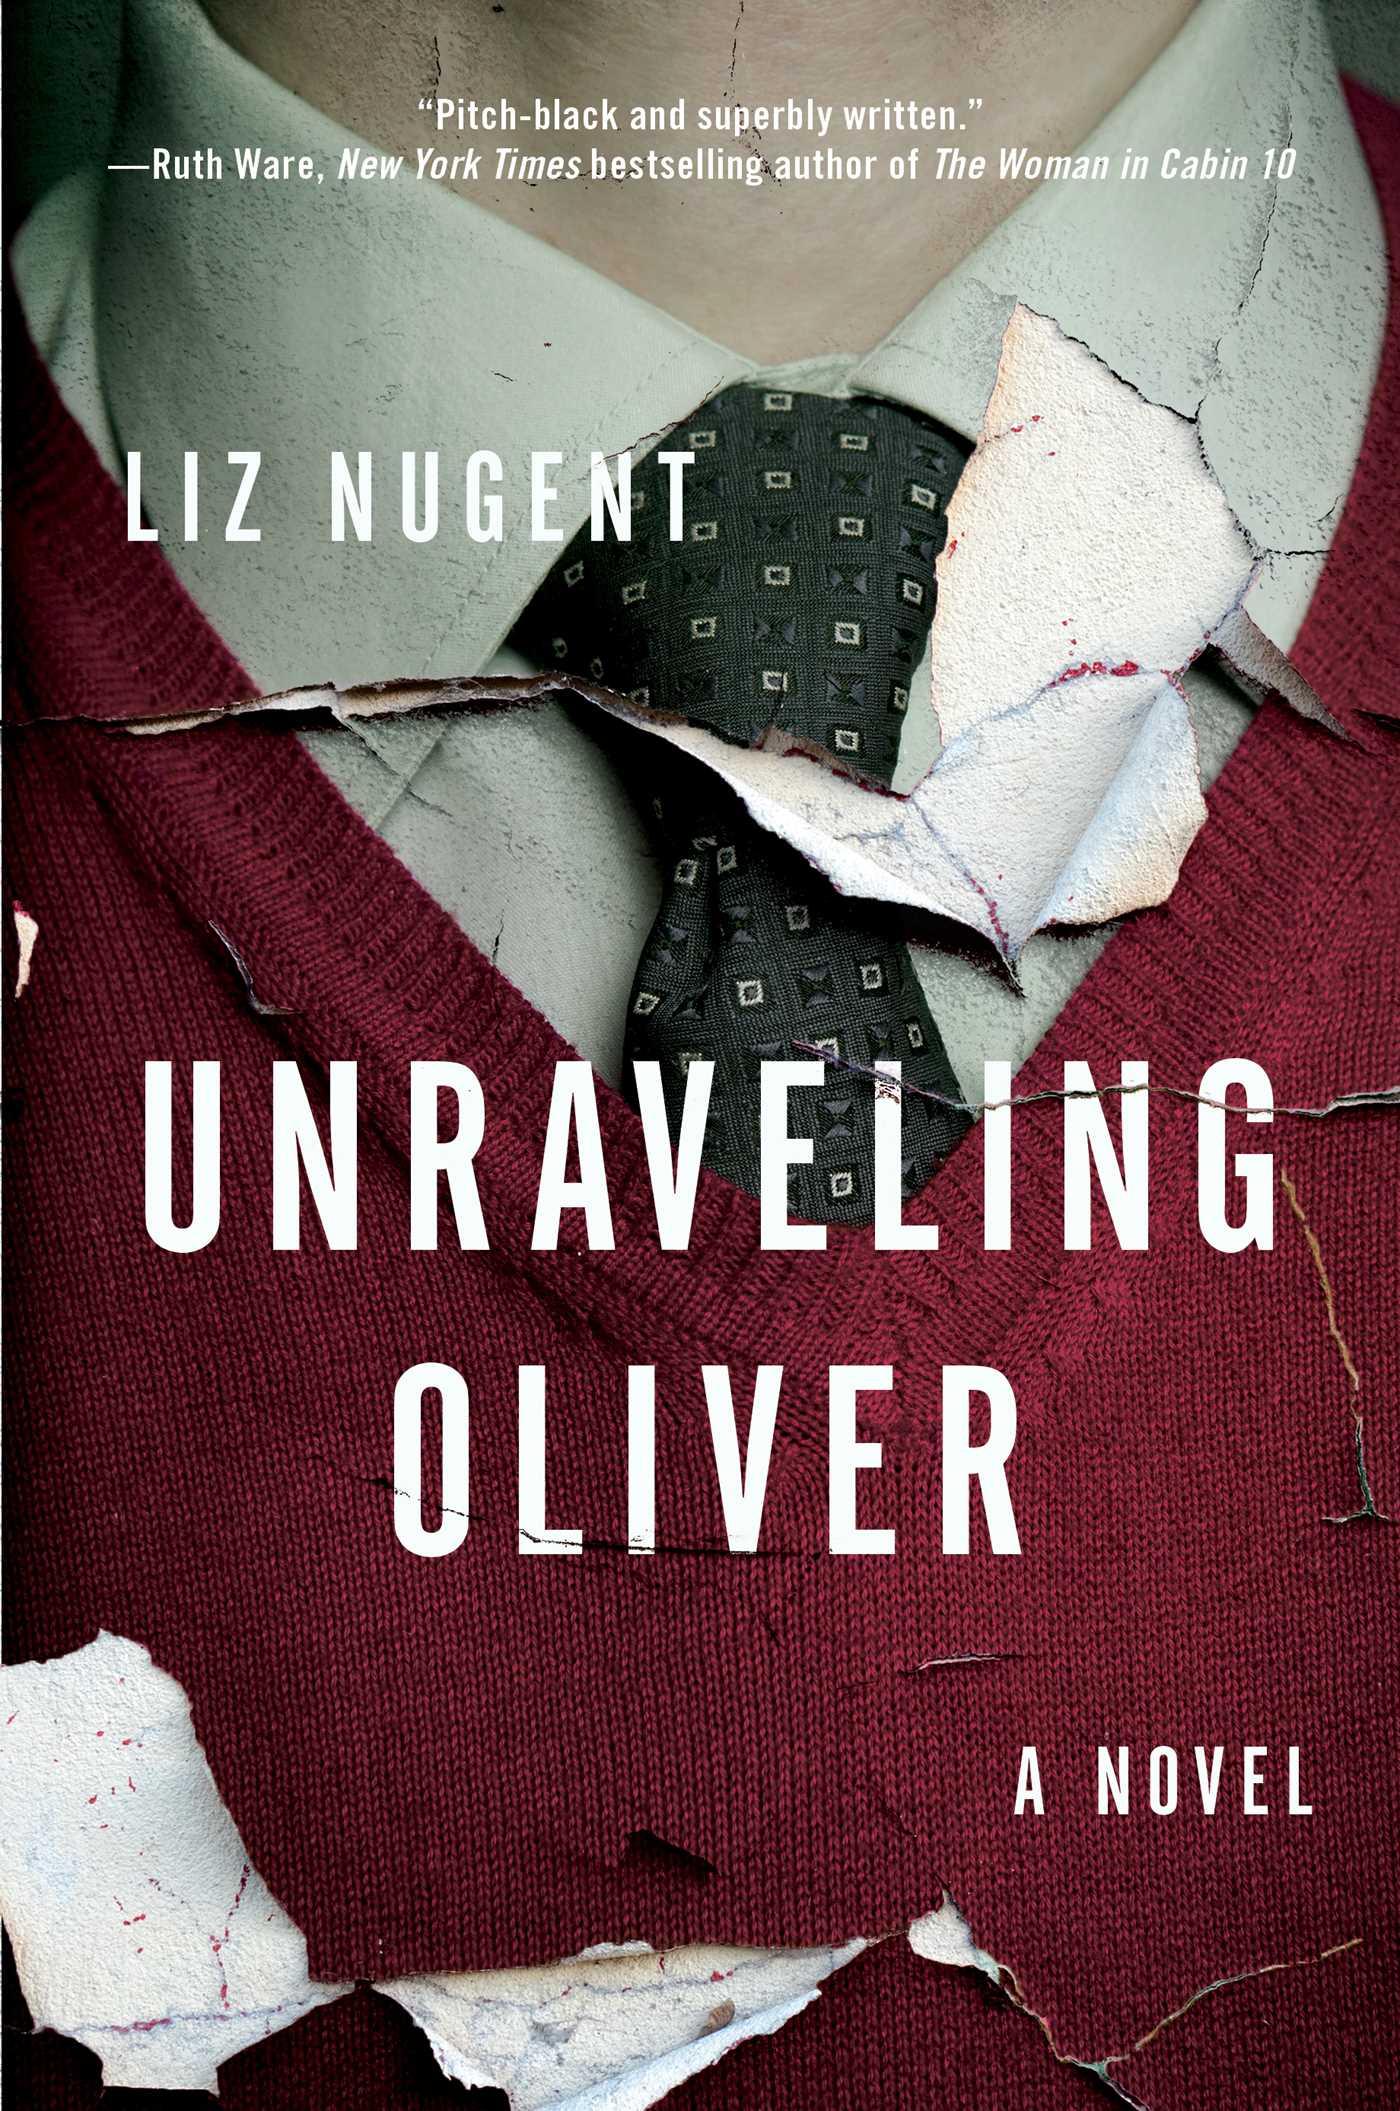 unraveling oliver.jpg